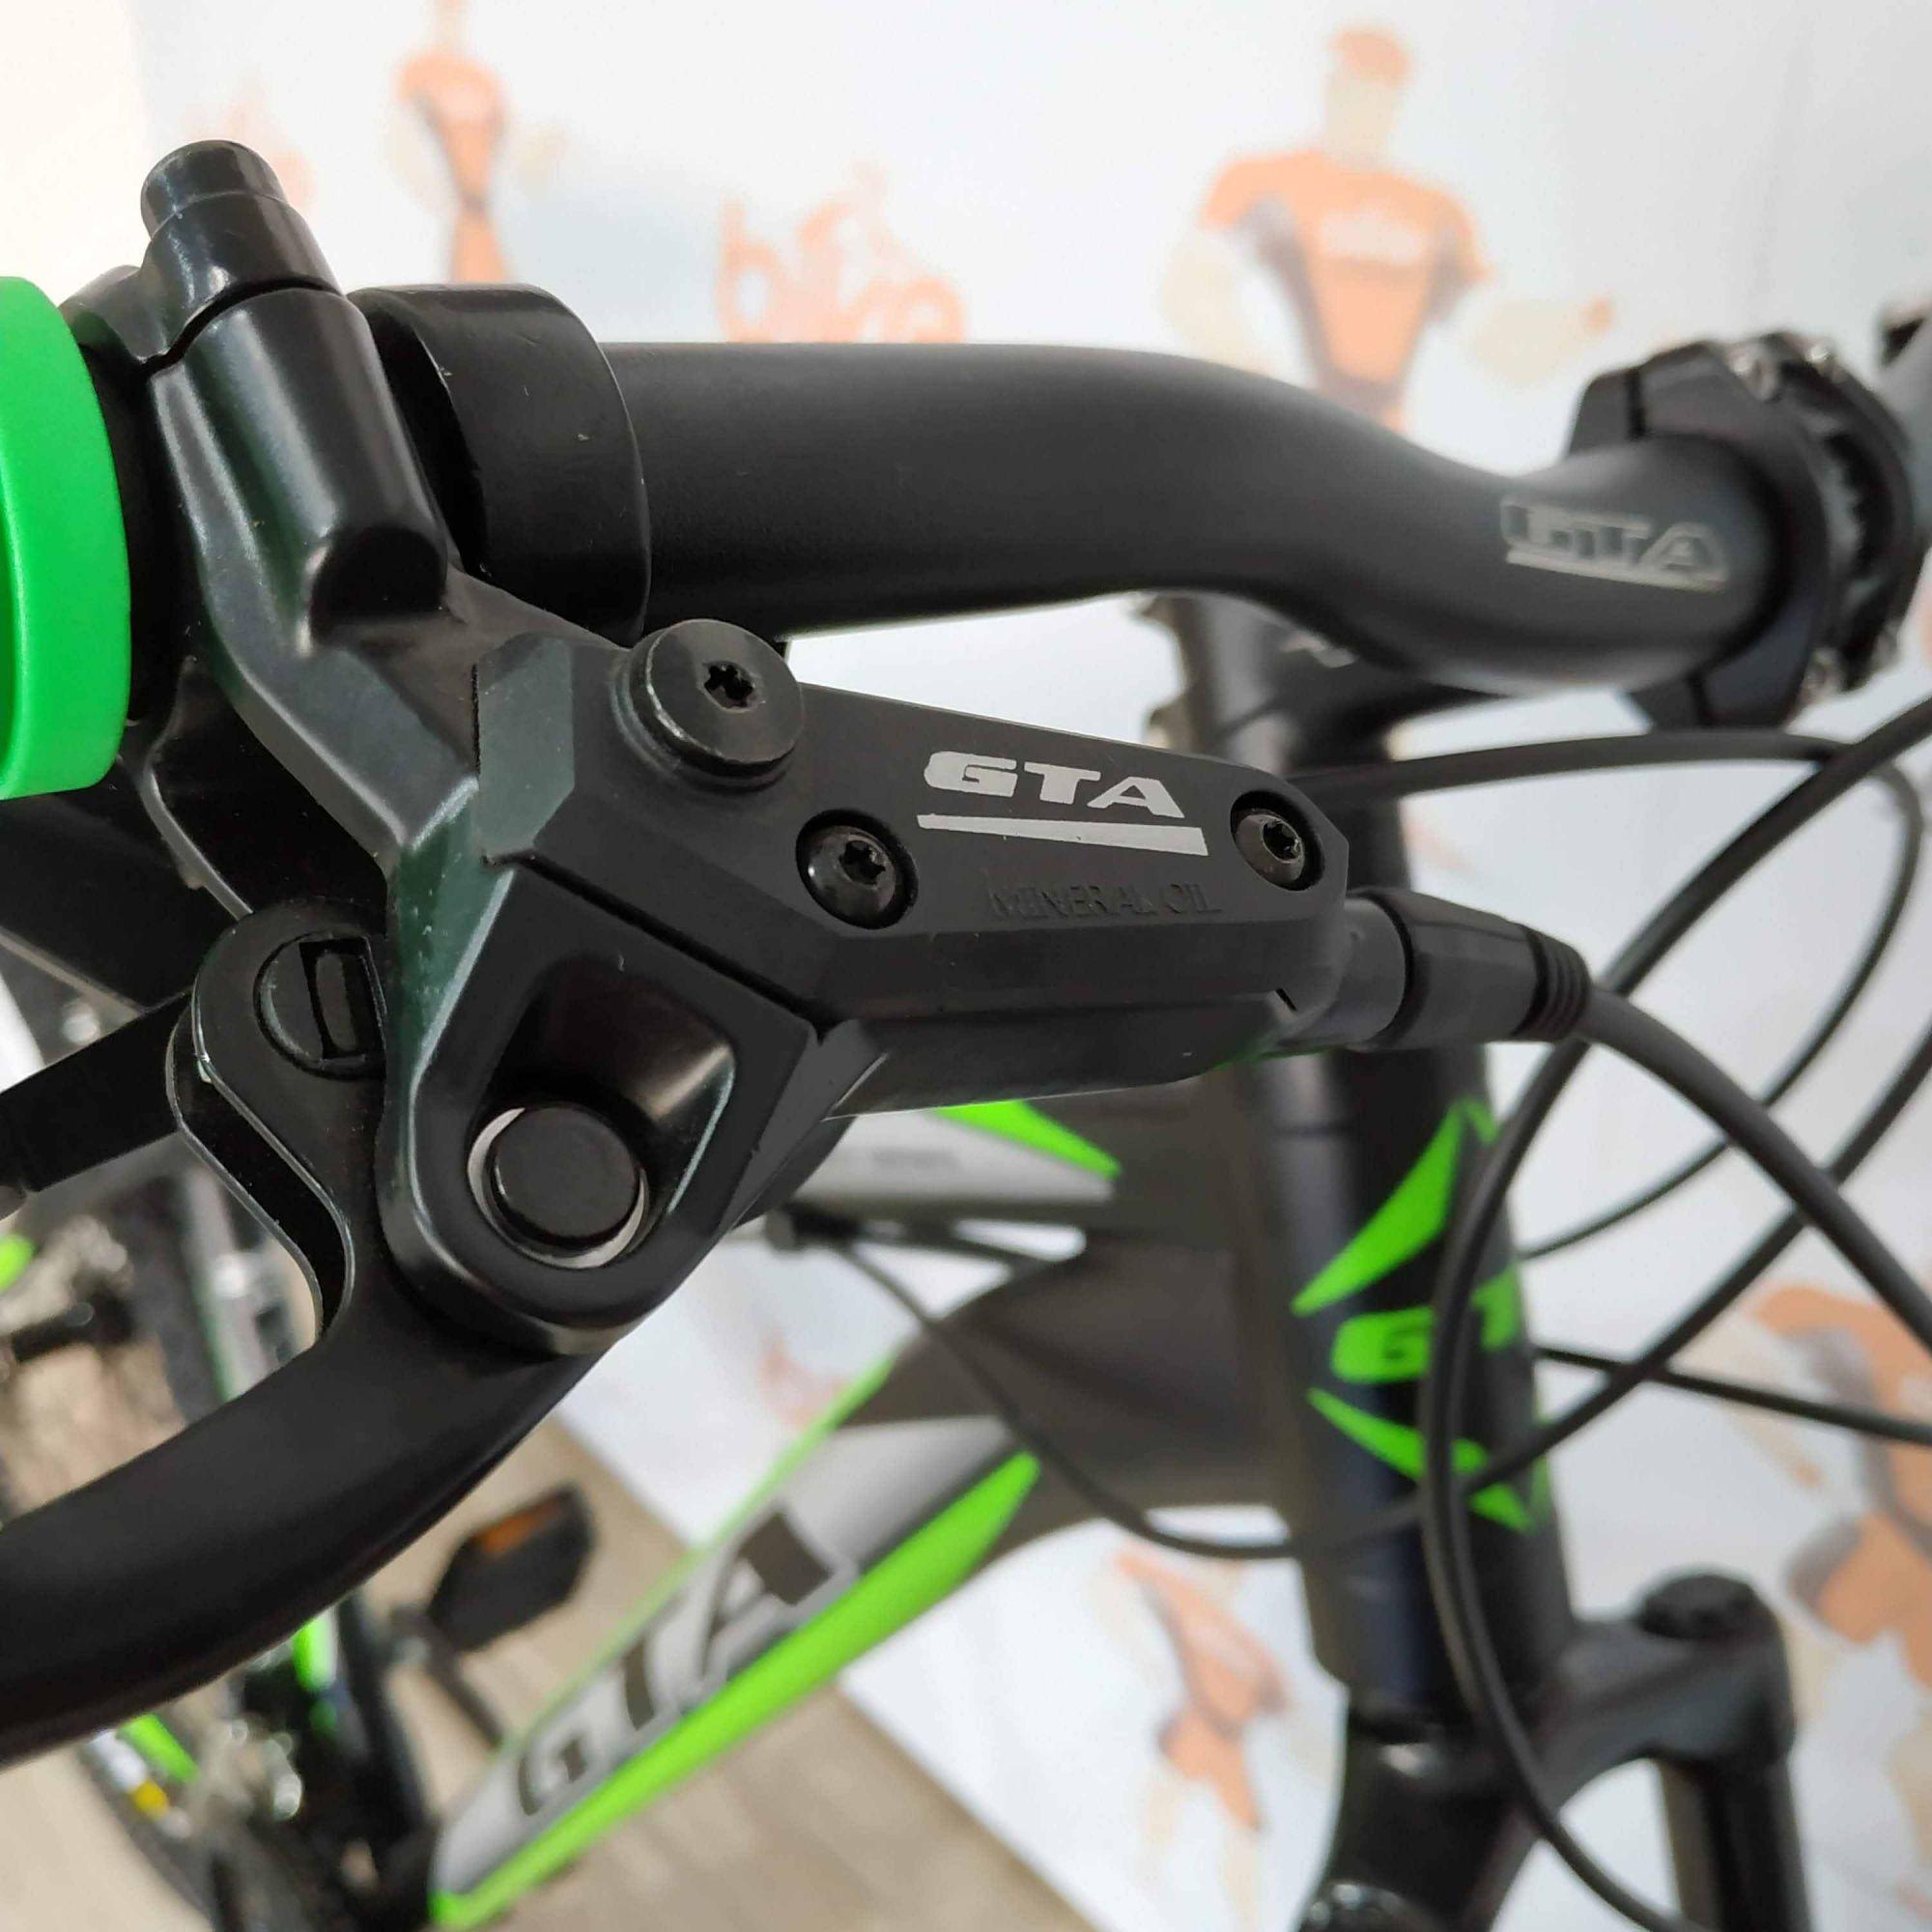 Bicicleta GTA NX9 aro 29 - 24v Shimano Tourney - Cubos Cassete de Rolamentos